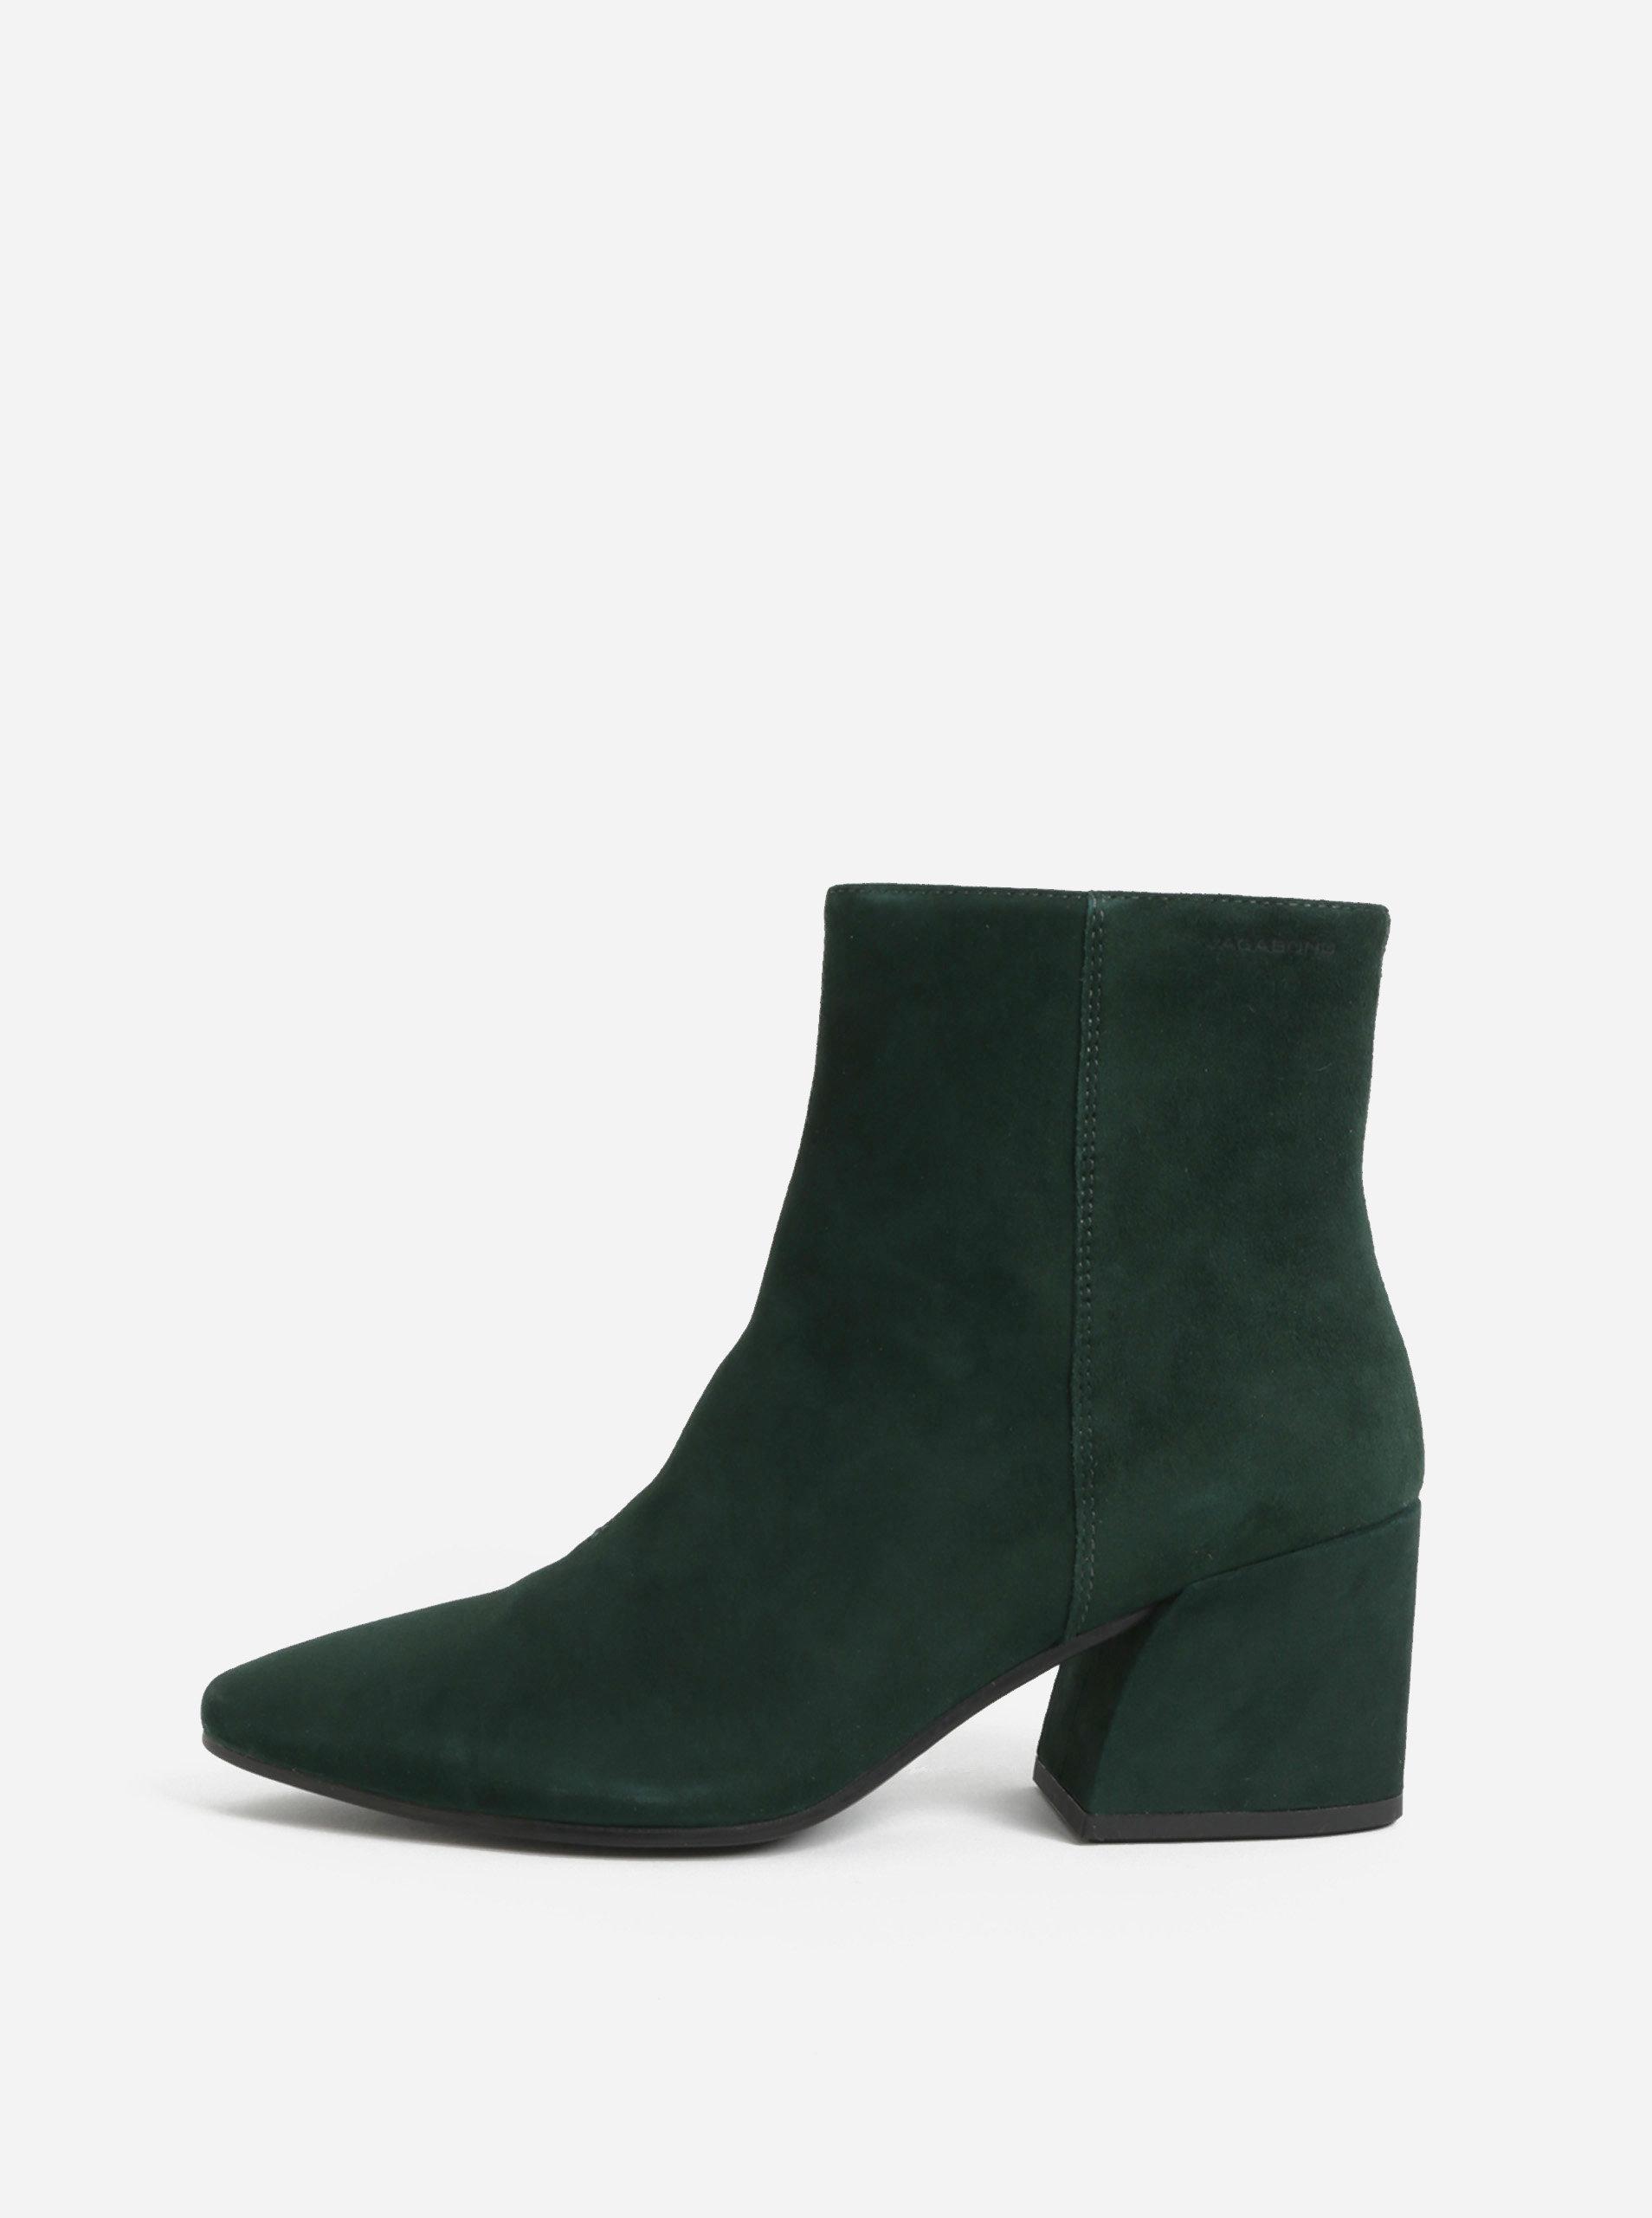 19a785c6ee Zelené dámske semišové členkové topánky Vagabond Olivia ...